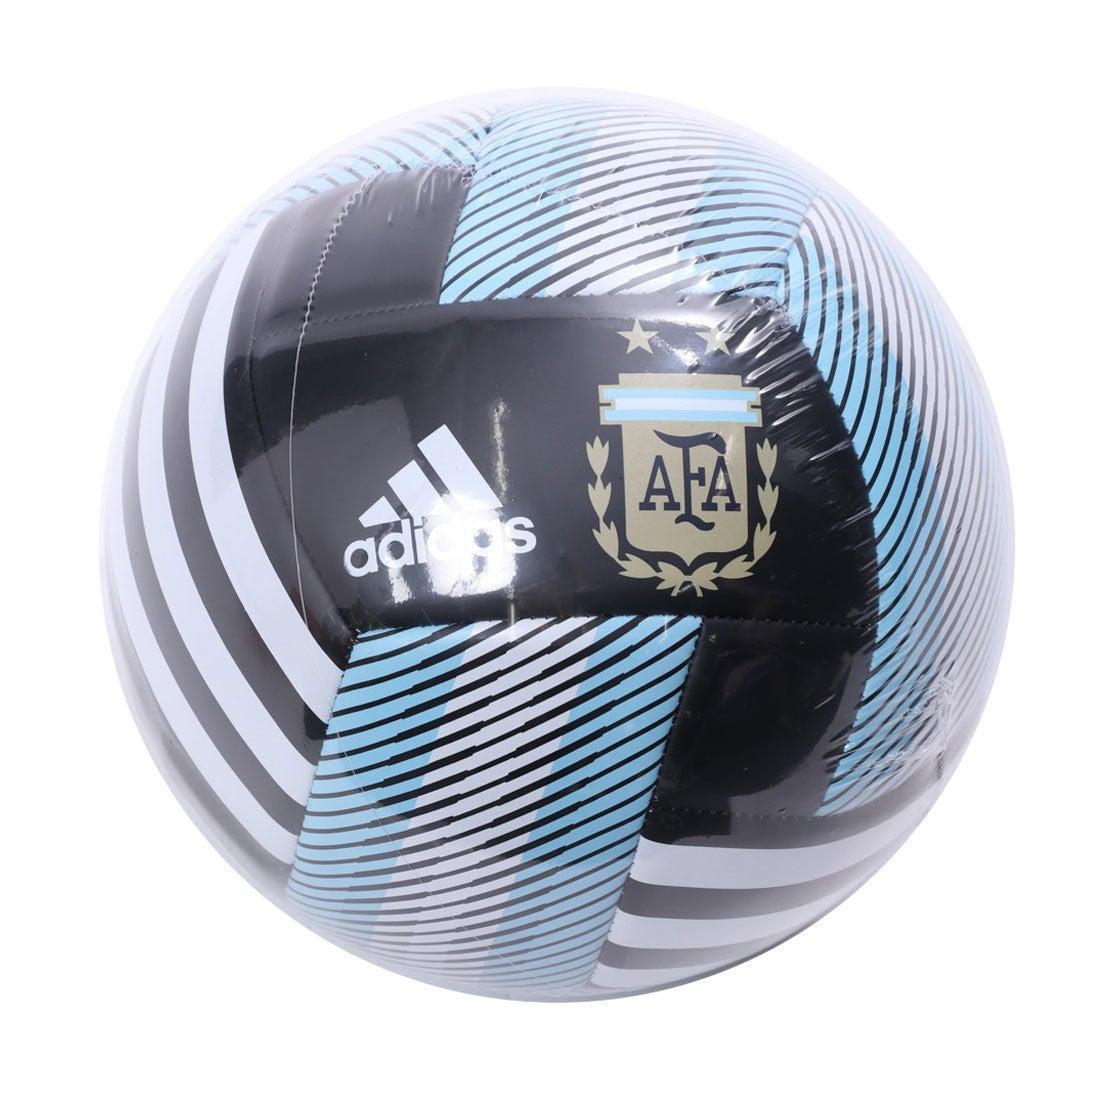 アディダス adidas ジュニア サッカー 練習球 ライセンスボール アルゼンチン 4号球 AF4530AR